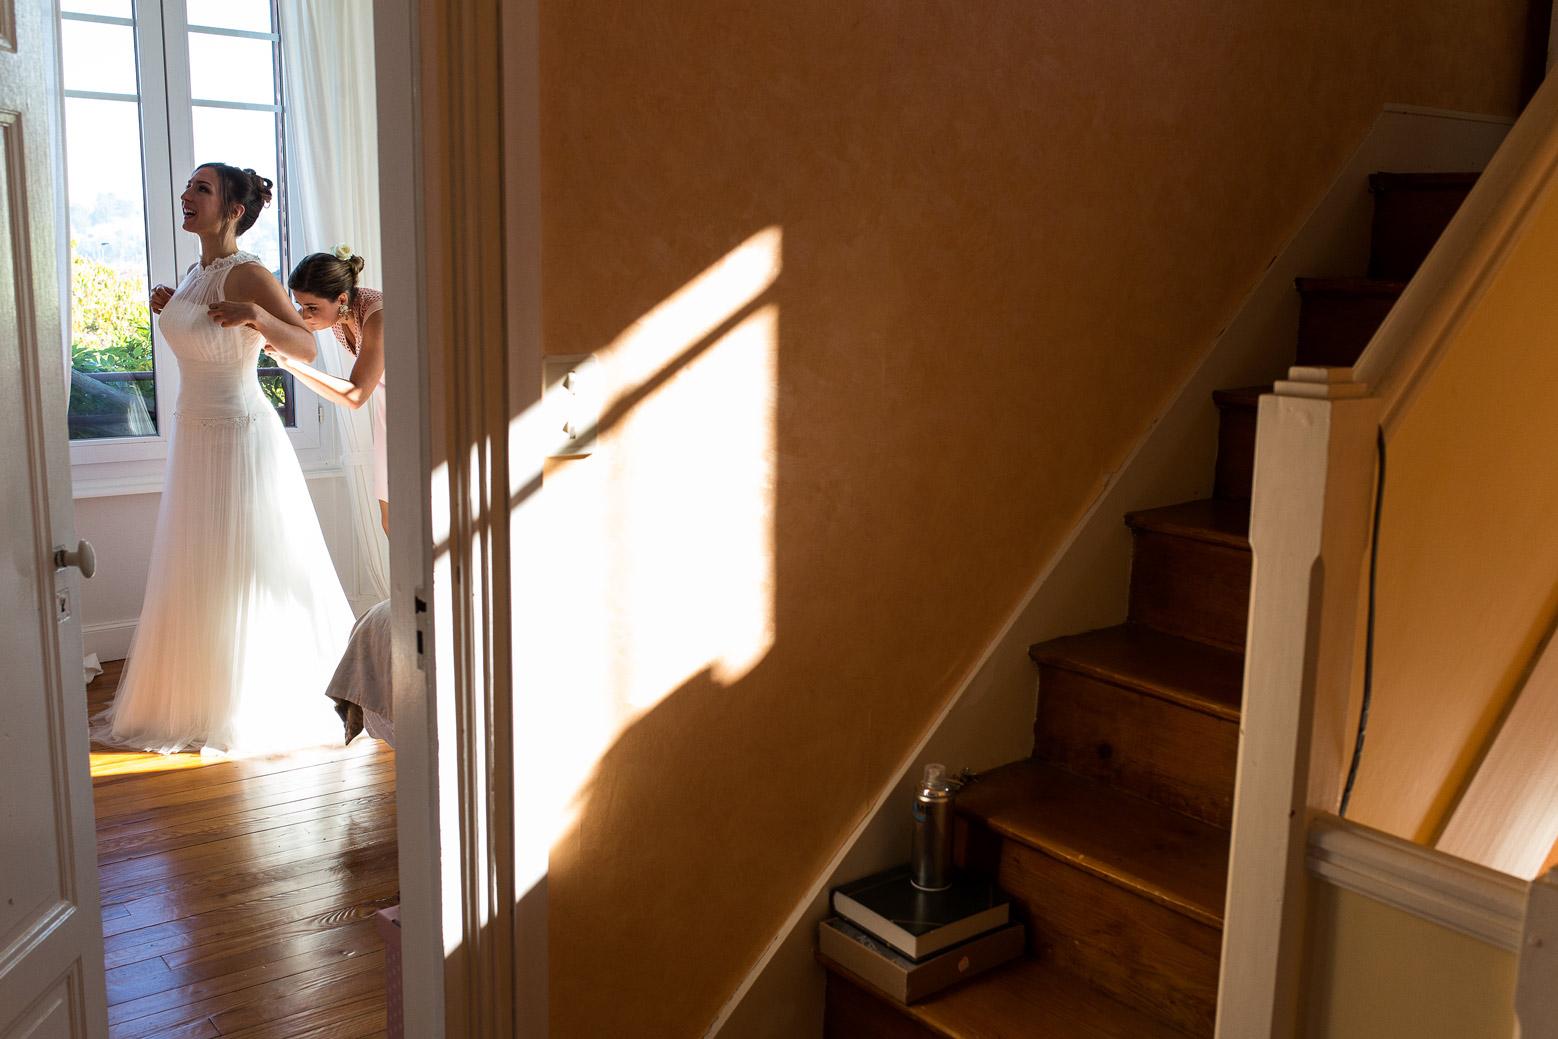 Hotel Royal Saint Mart Royat Clermont Ferrand Habillage de la mariée par une témoin